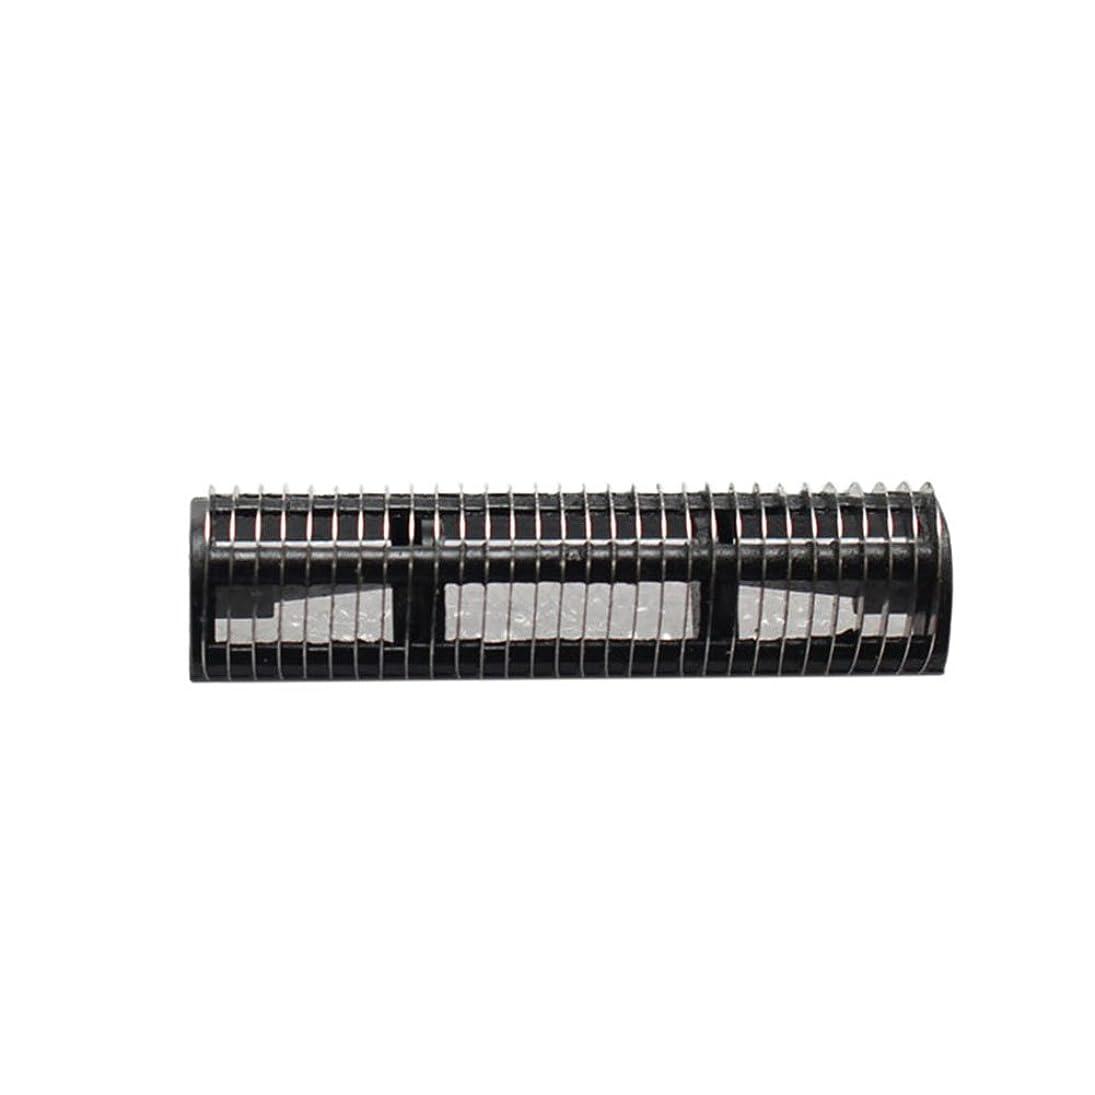 汚染するぼんやりしたタンカーHZjundasi Replacement シェーバー 刃 for Braun 5S/614/3000 Model BS575 3610 P10 555